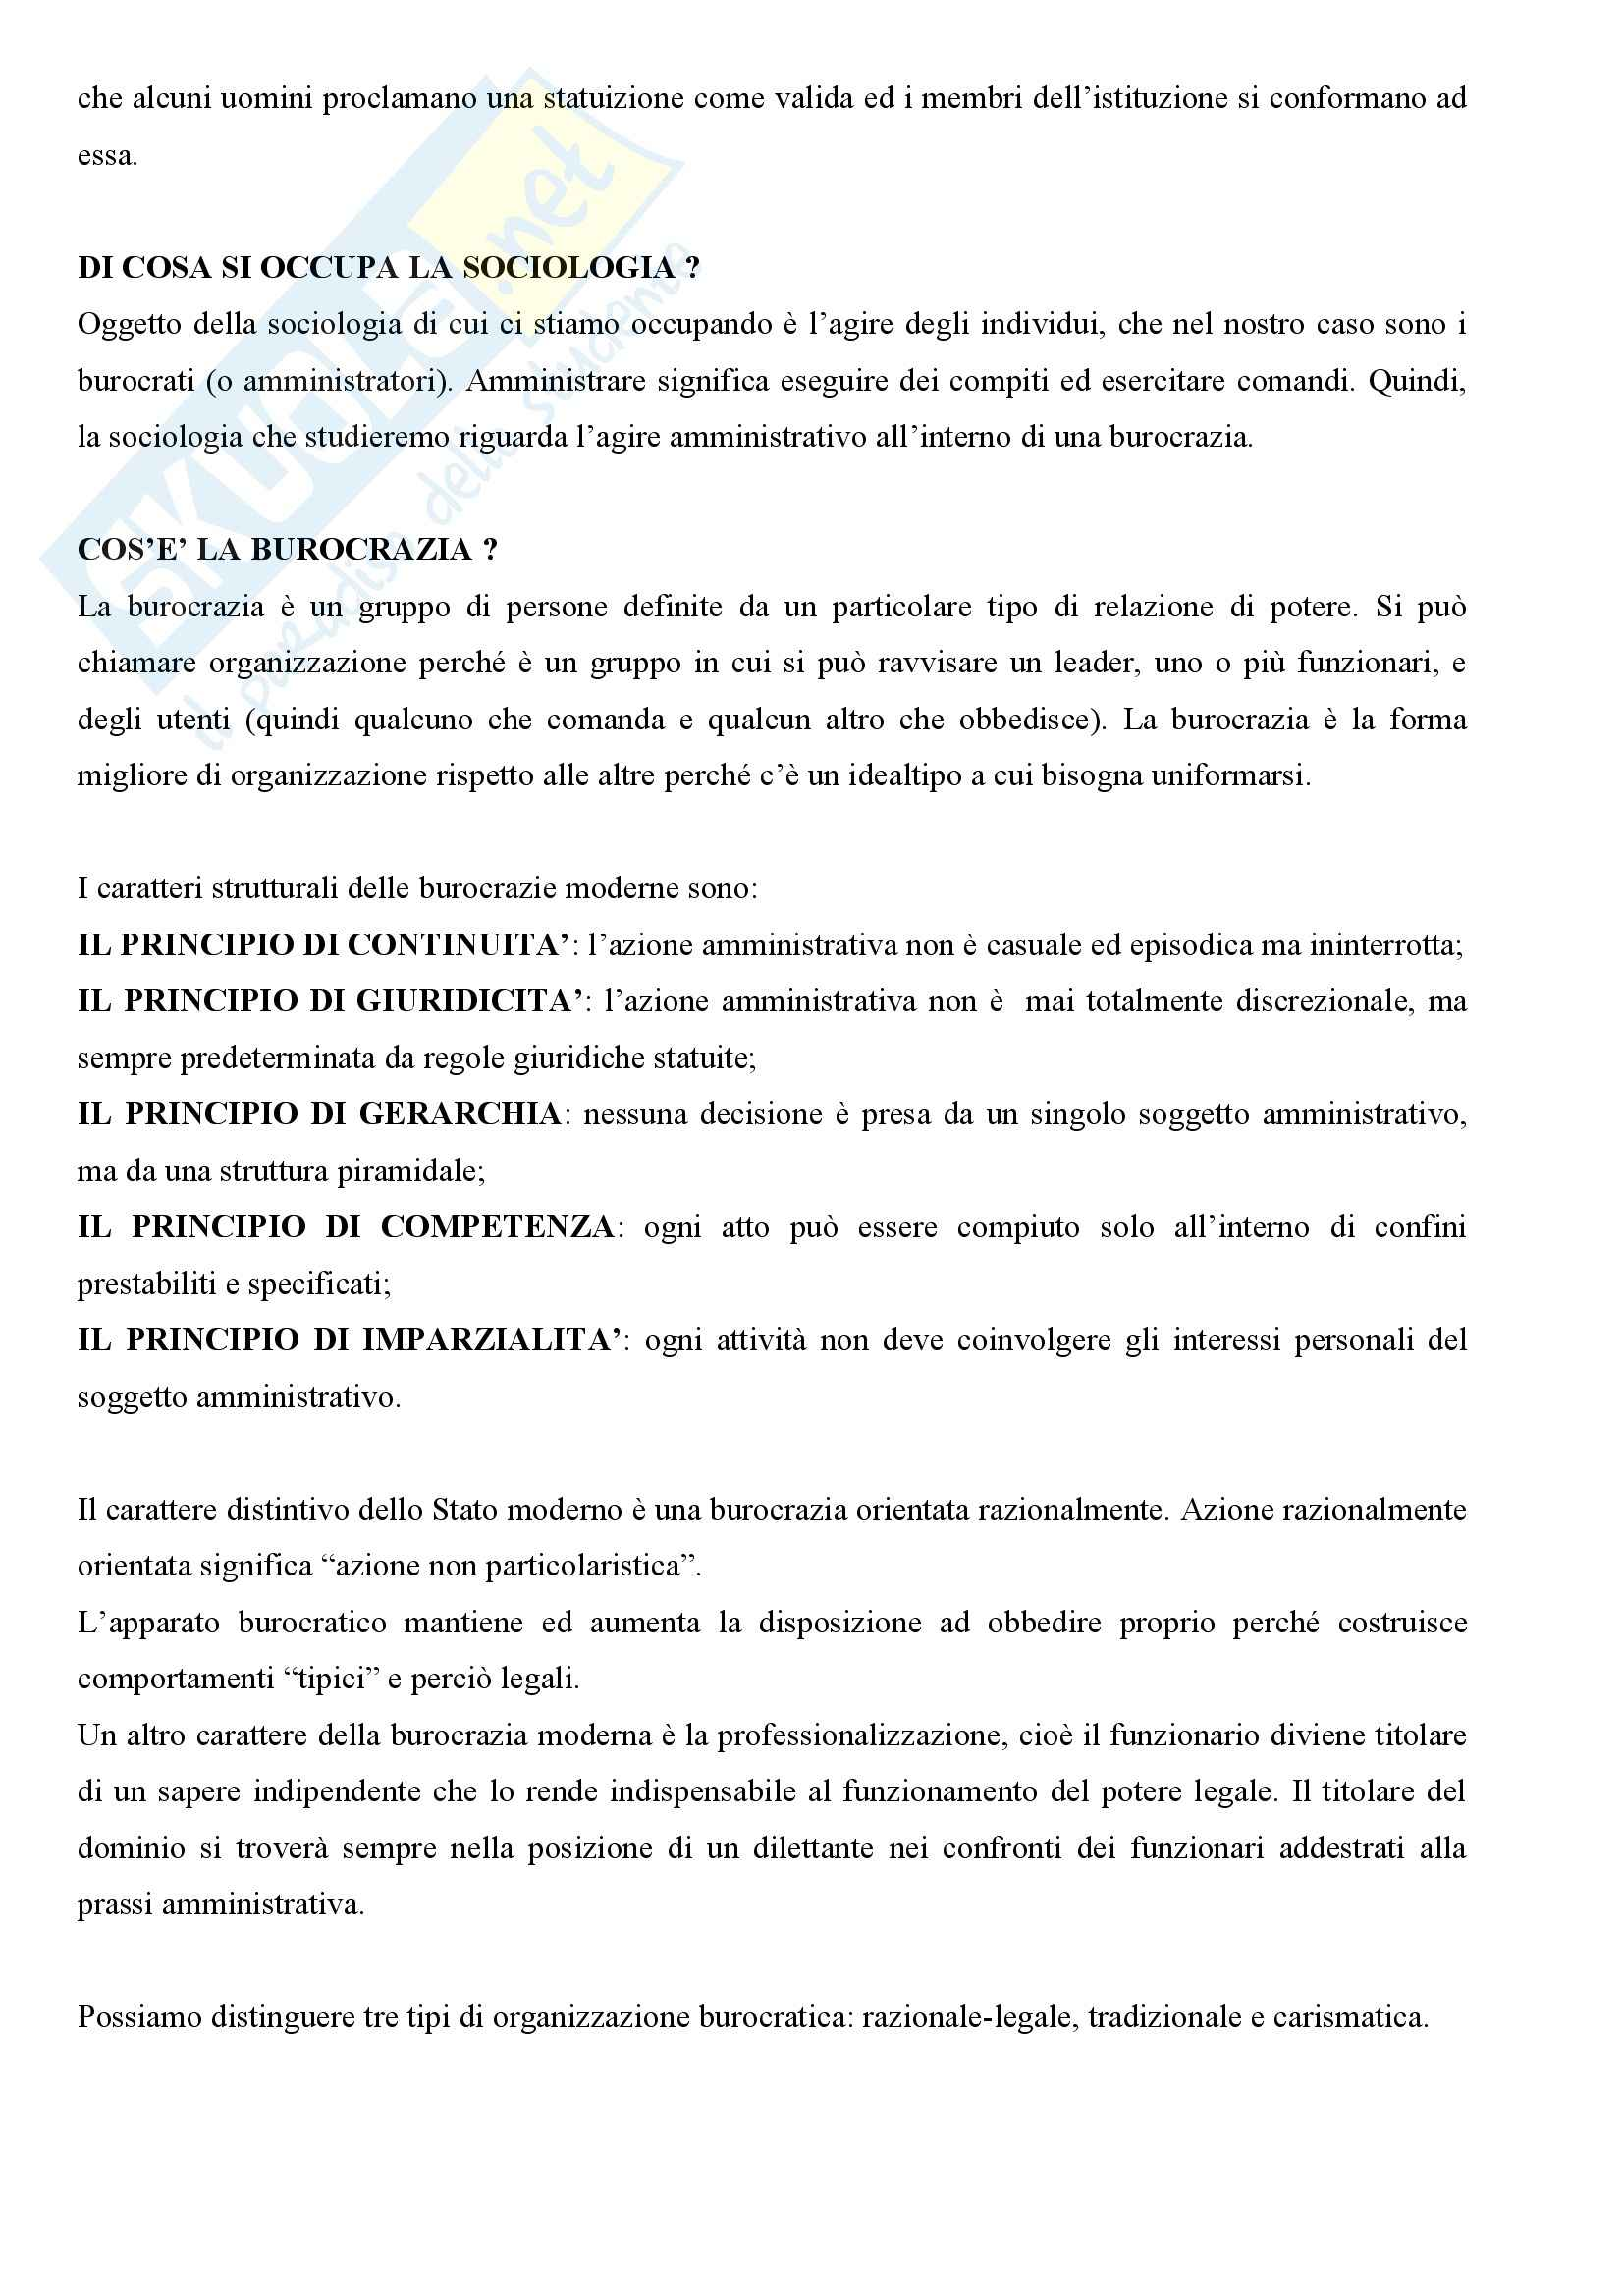 Sociologia generale - nozioni Pag. 2